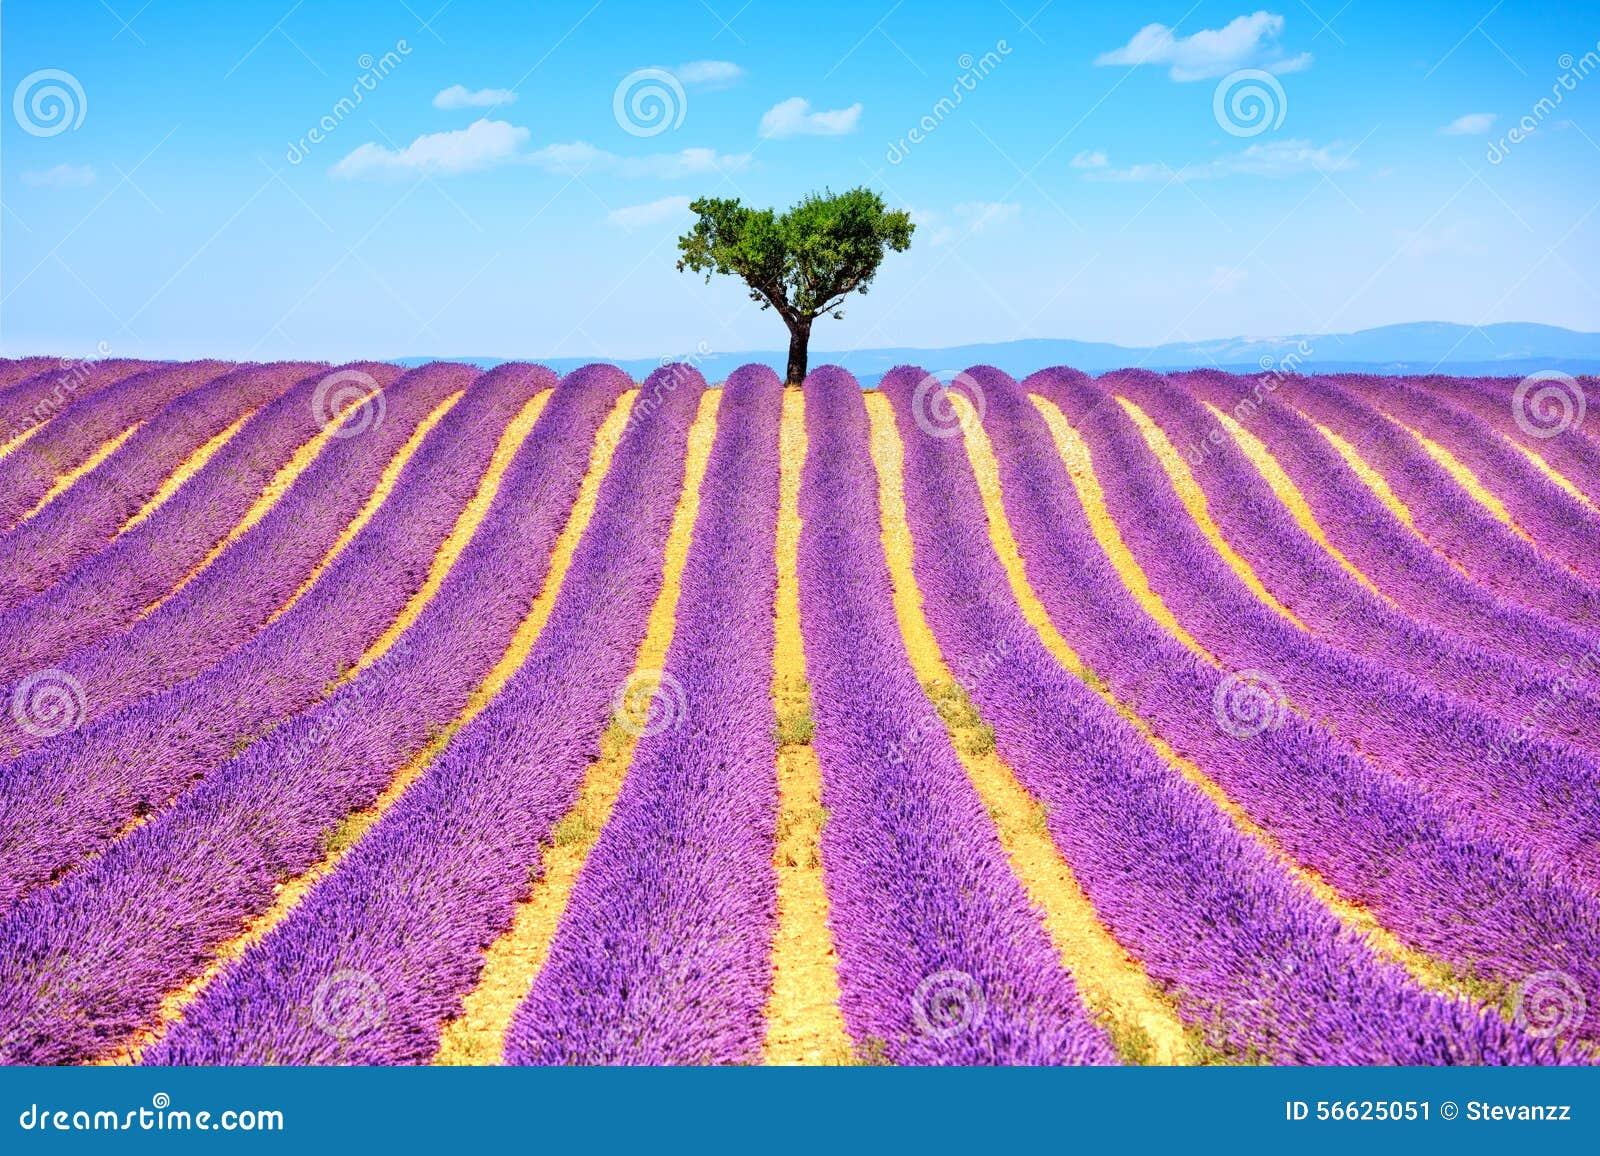 的淡紫色和艰难偏僻的树 法国普罗旺斯